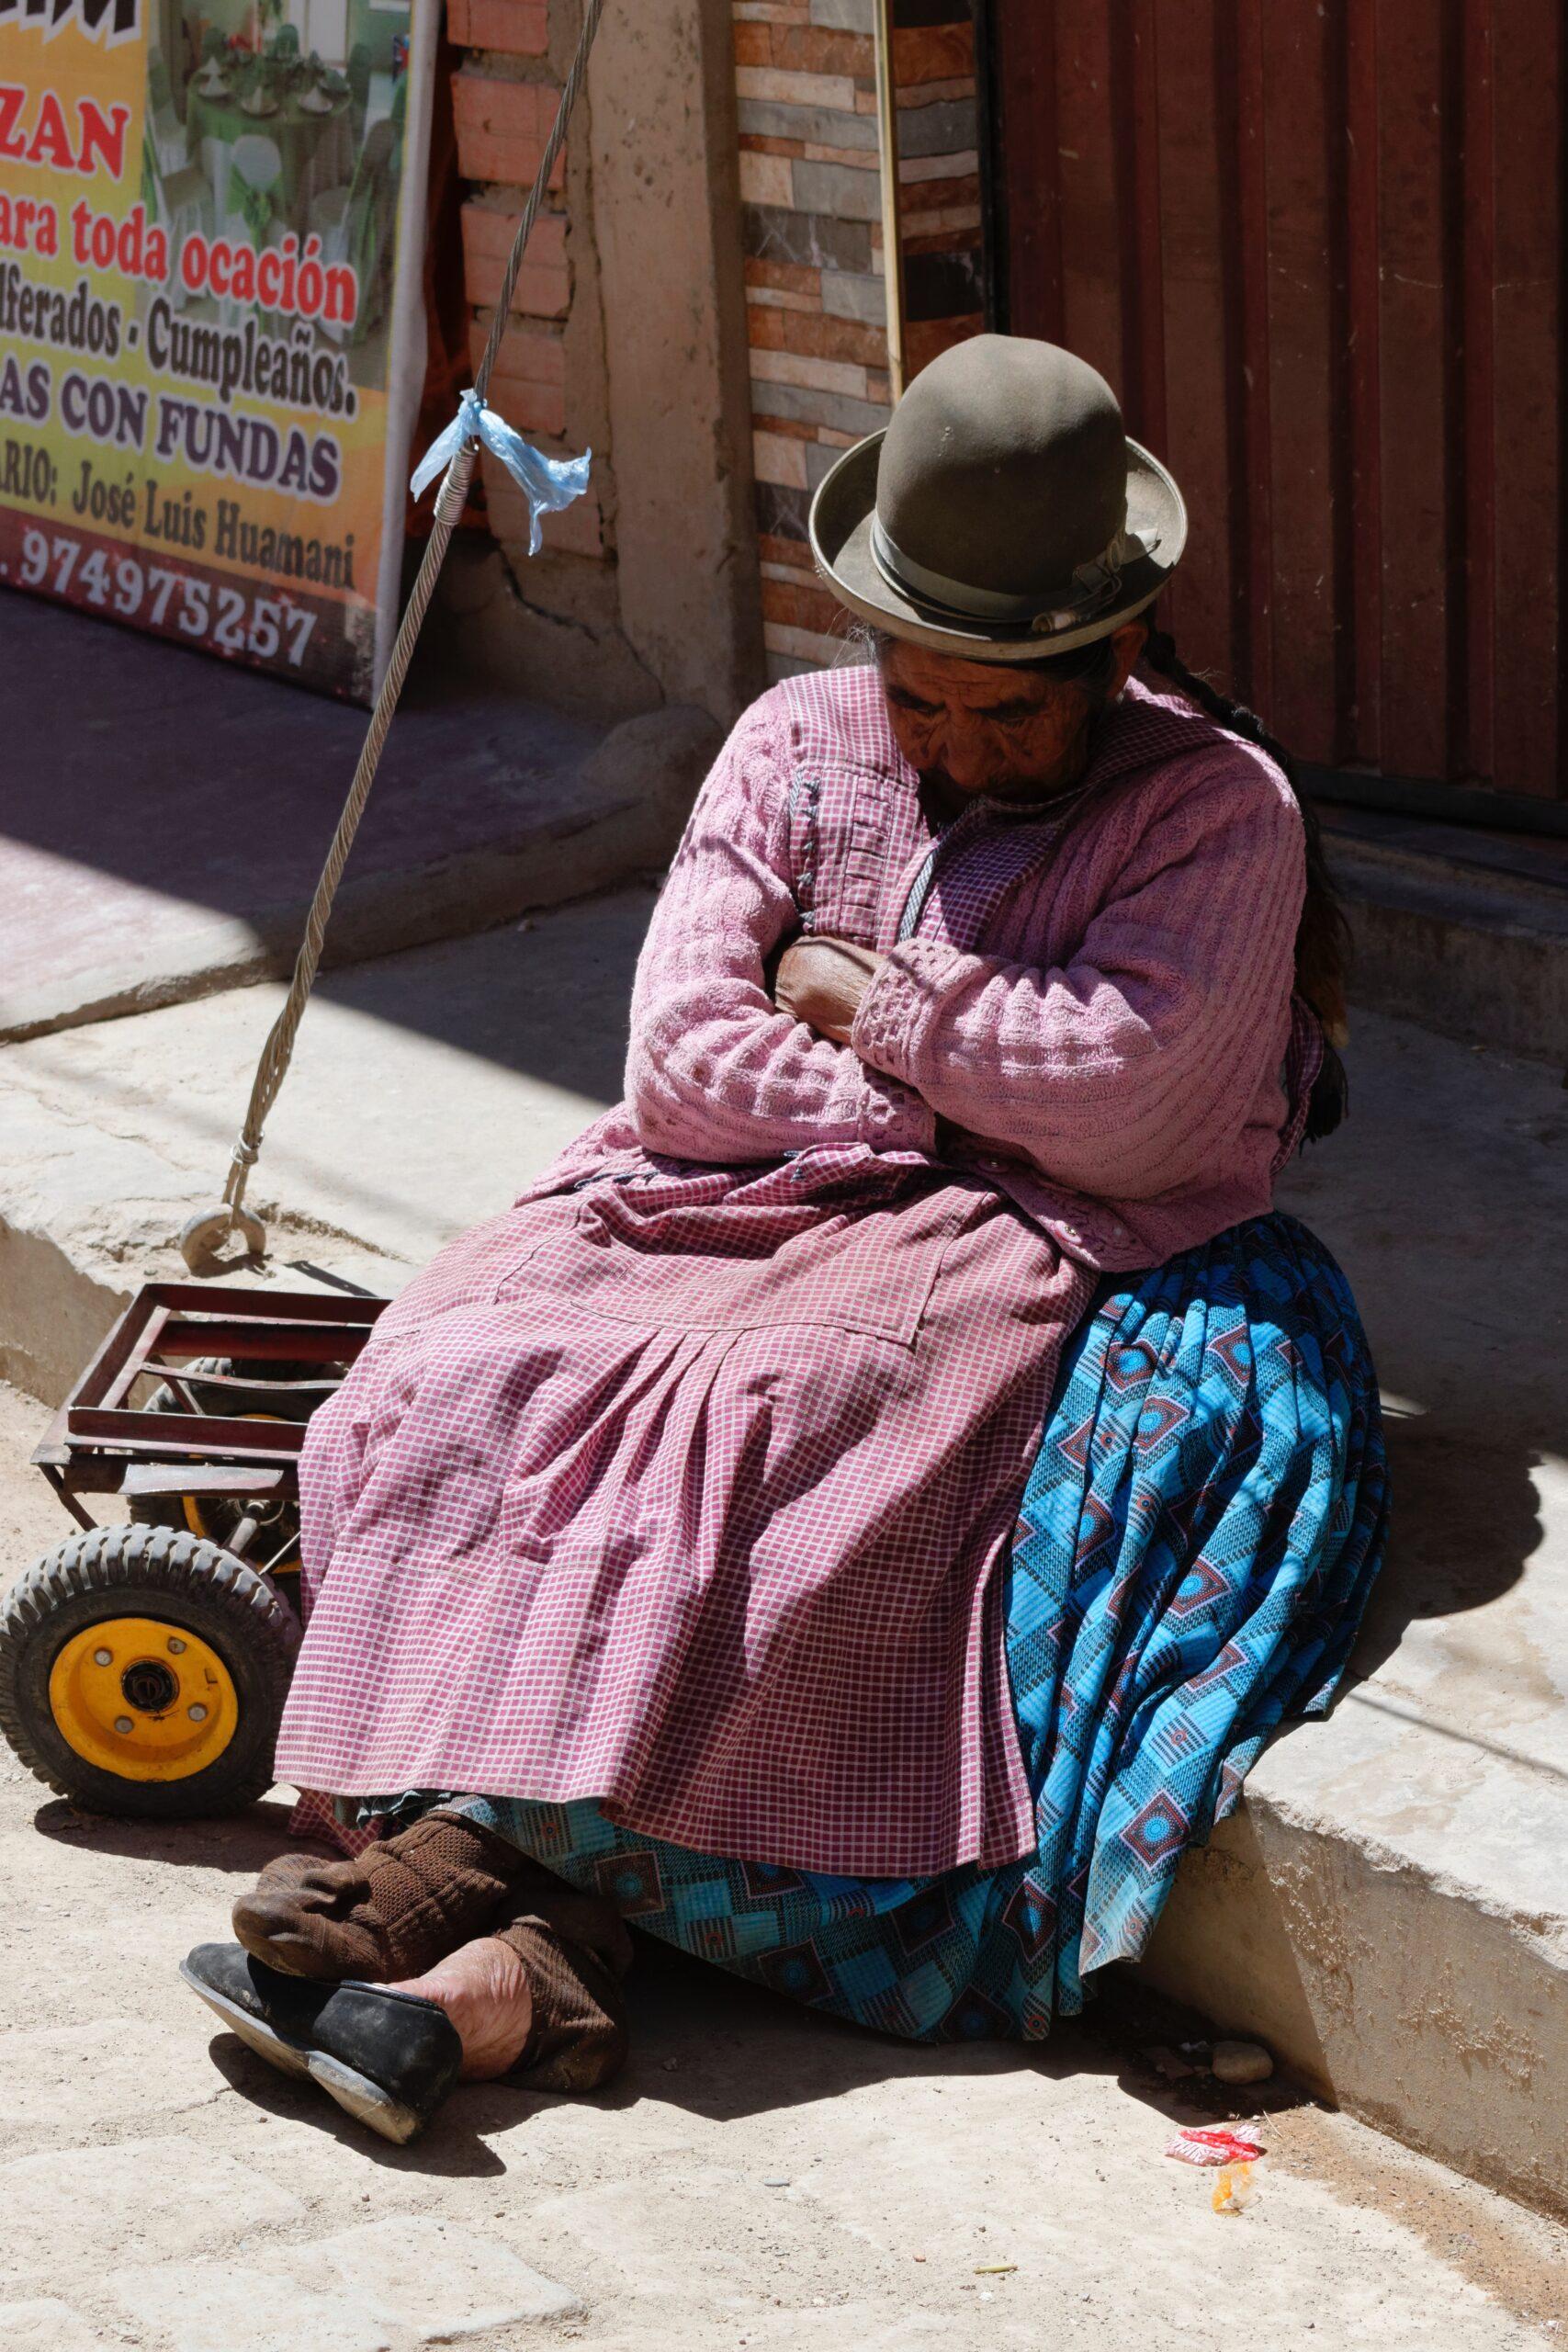 Imagen de la noticia Promoción del derecho humano al agua potable, con mejora de la resiliencia de los recursos hídricos ante el cambio climático en el territorio indígena originario campesino de Raqaypampa (Cochabamba, Bolivia)